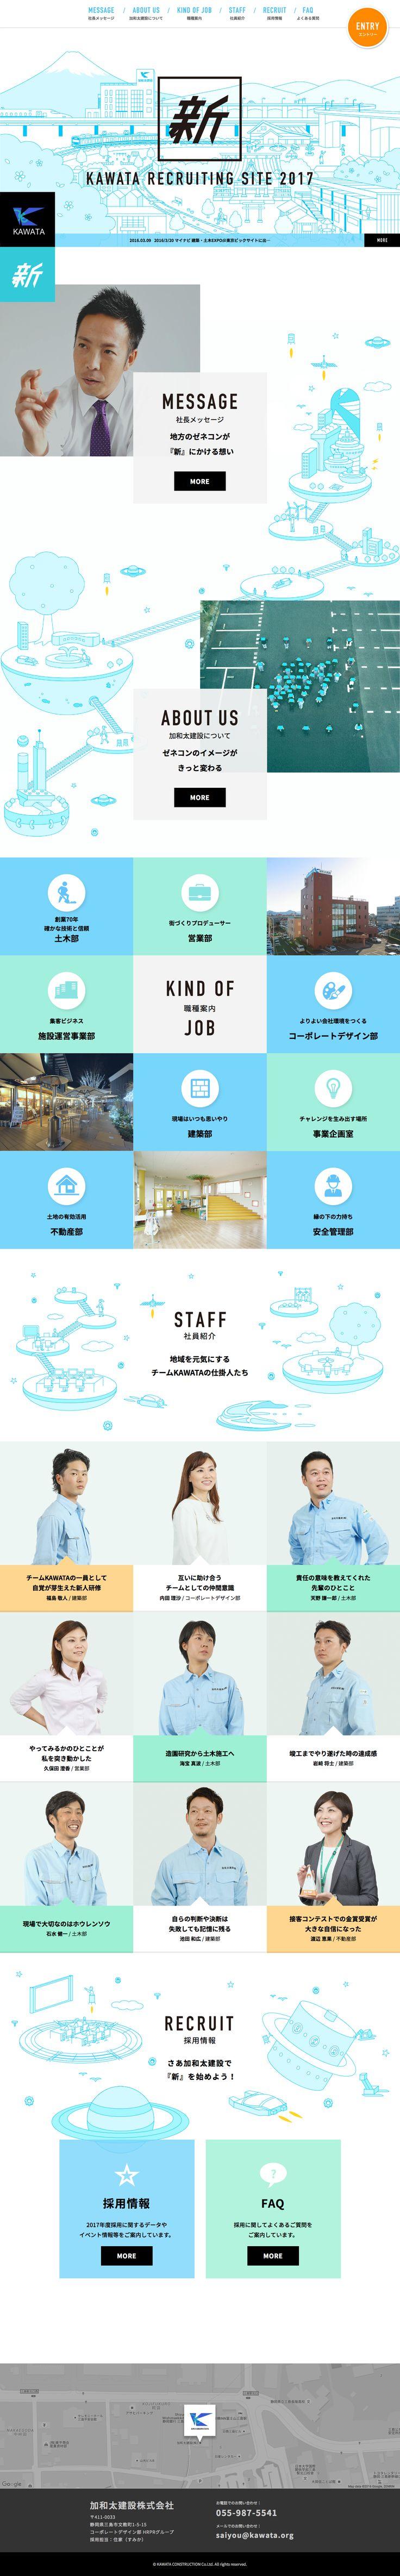 加和太建設新卒採用サイト2017「新」